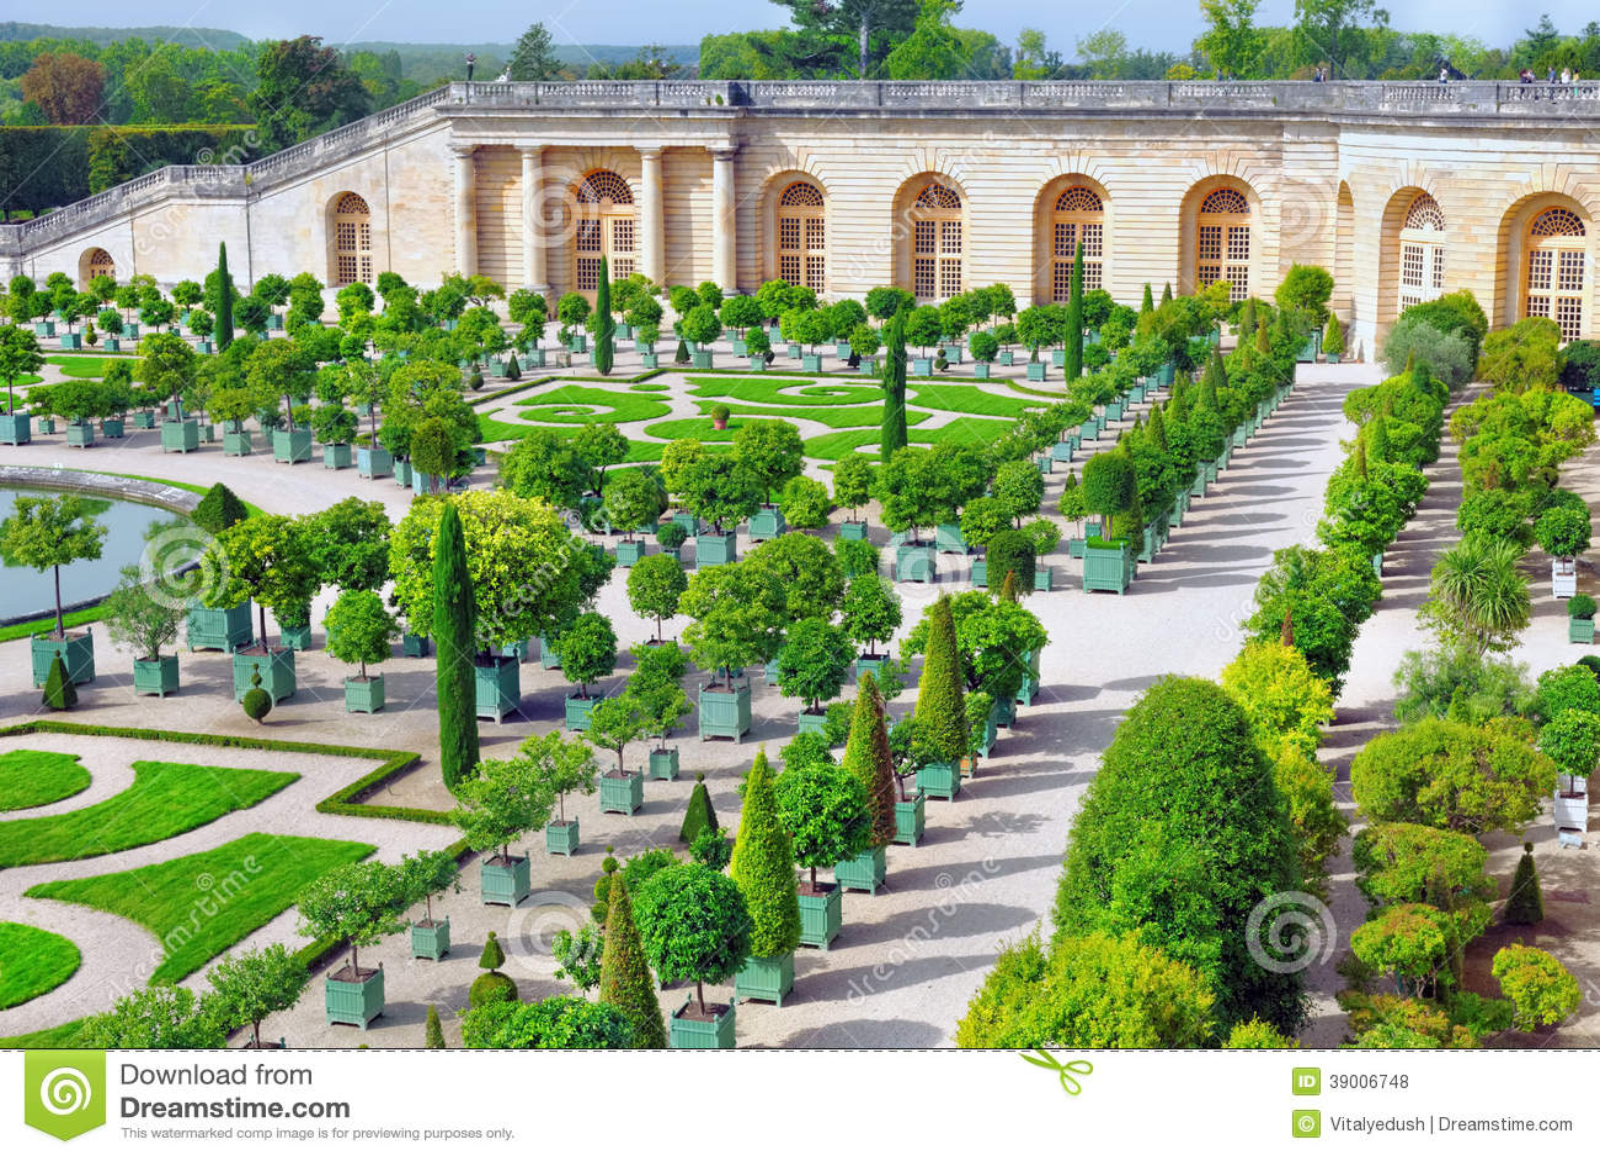 Paleis versailles koninklijke oranjerie stock foto afbeelding 39006748 - Tuin decoratie buitenkant ...